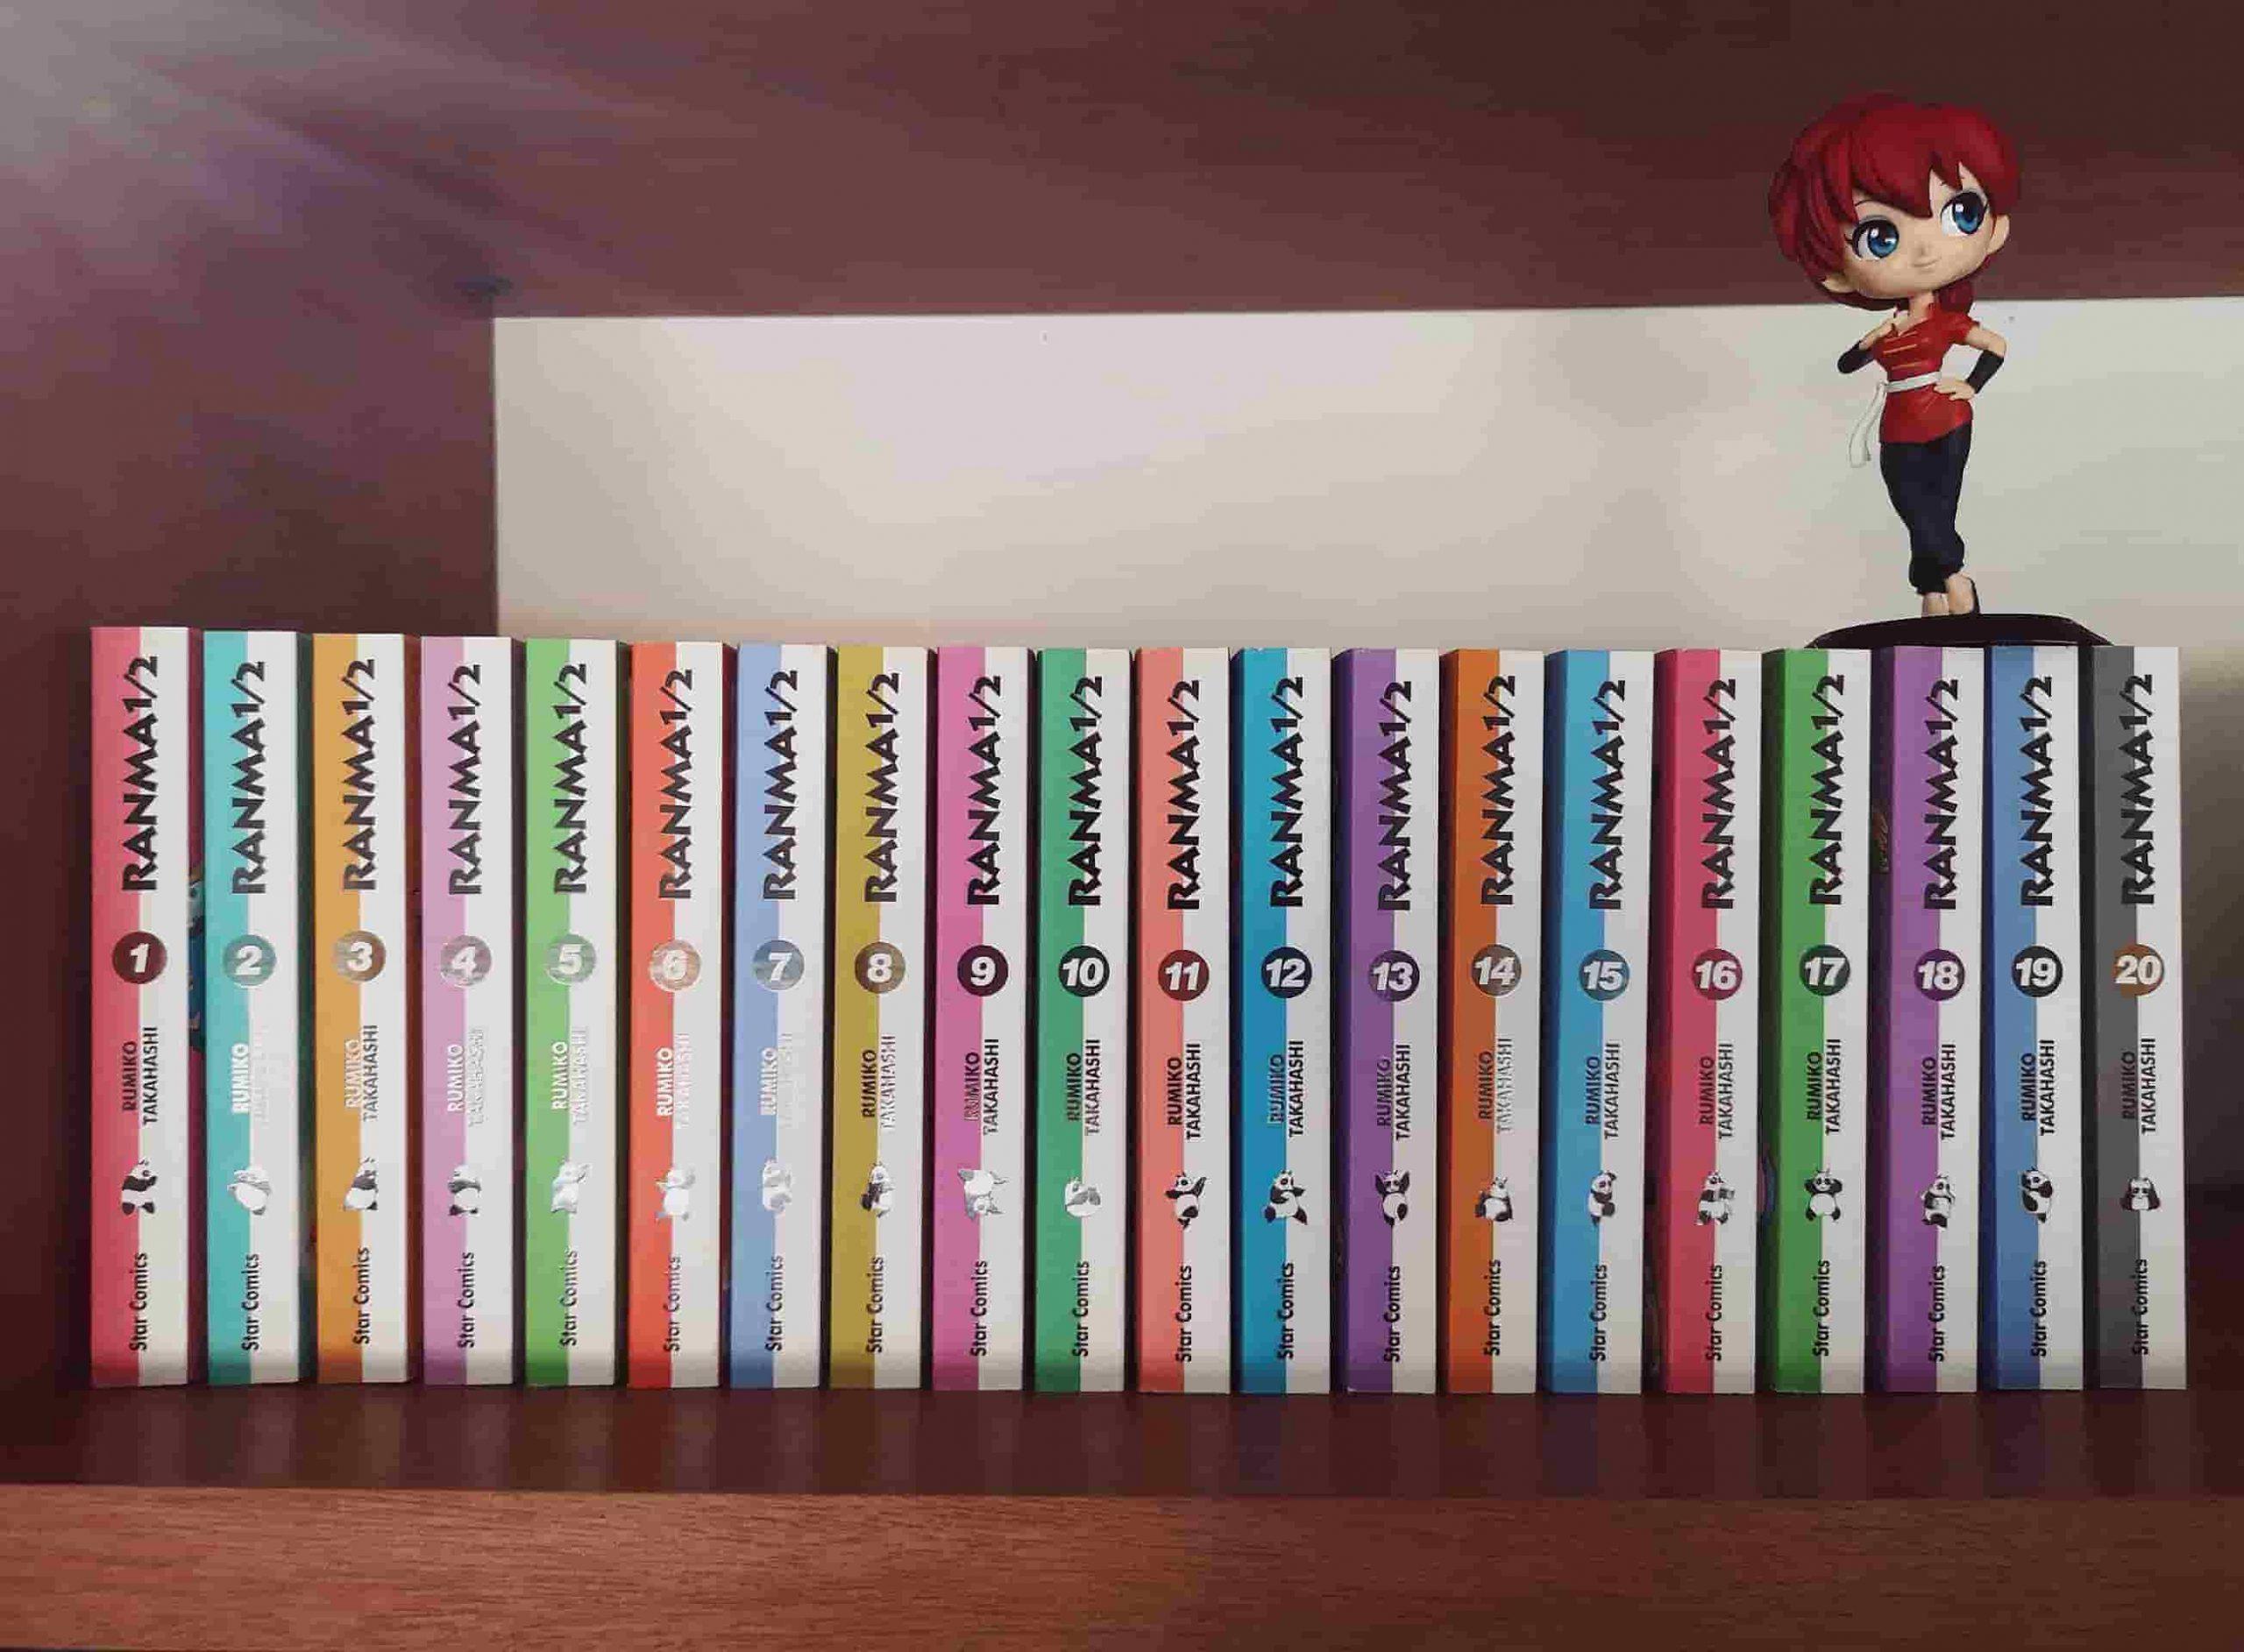 Collezione manga Ranma